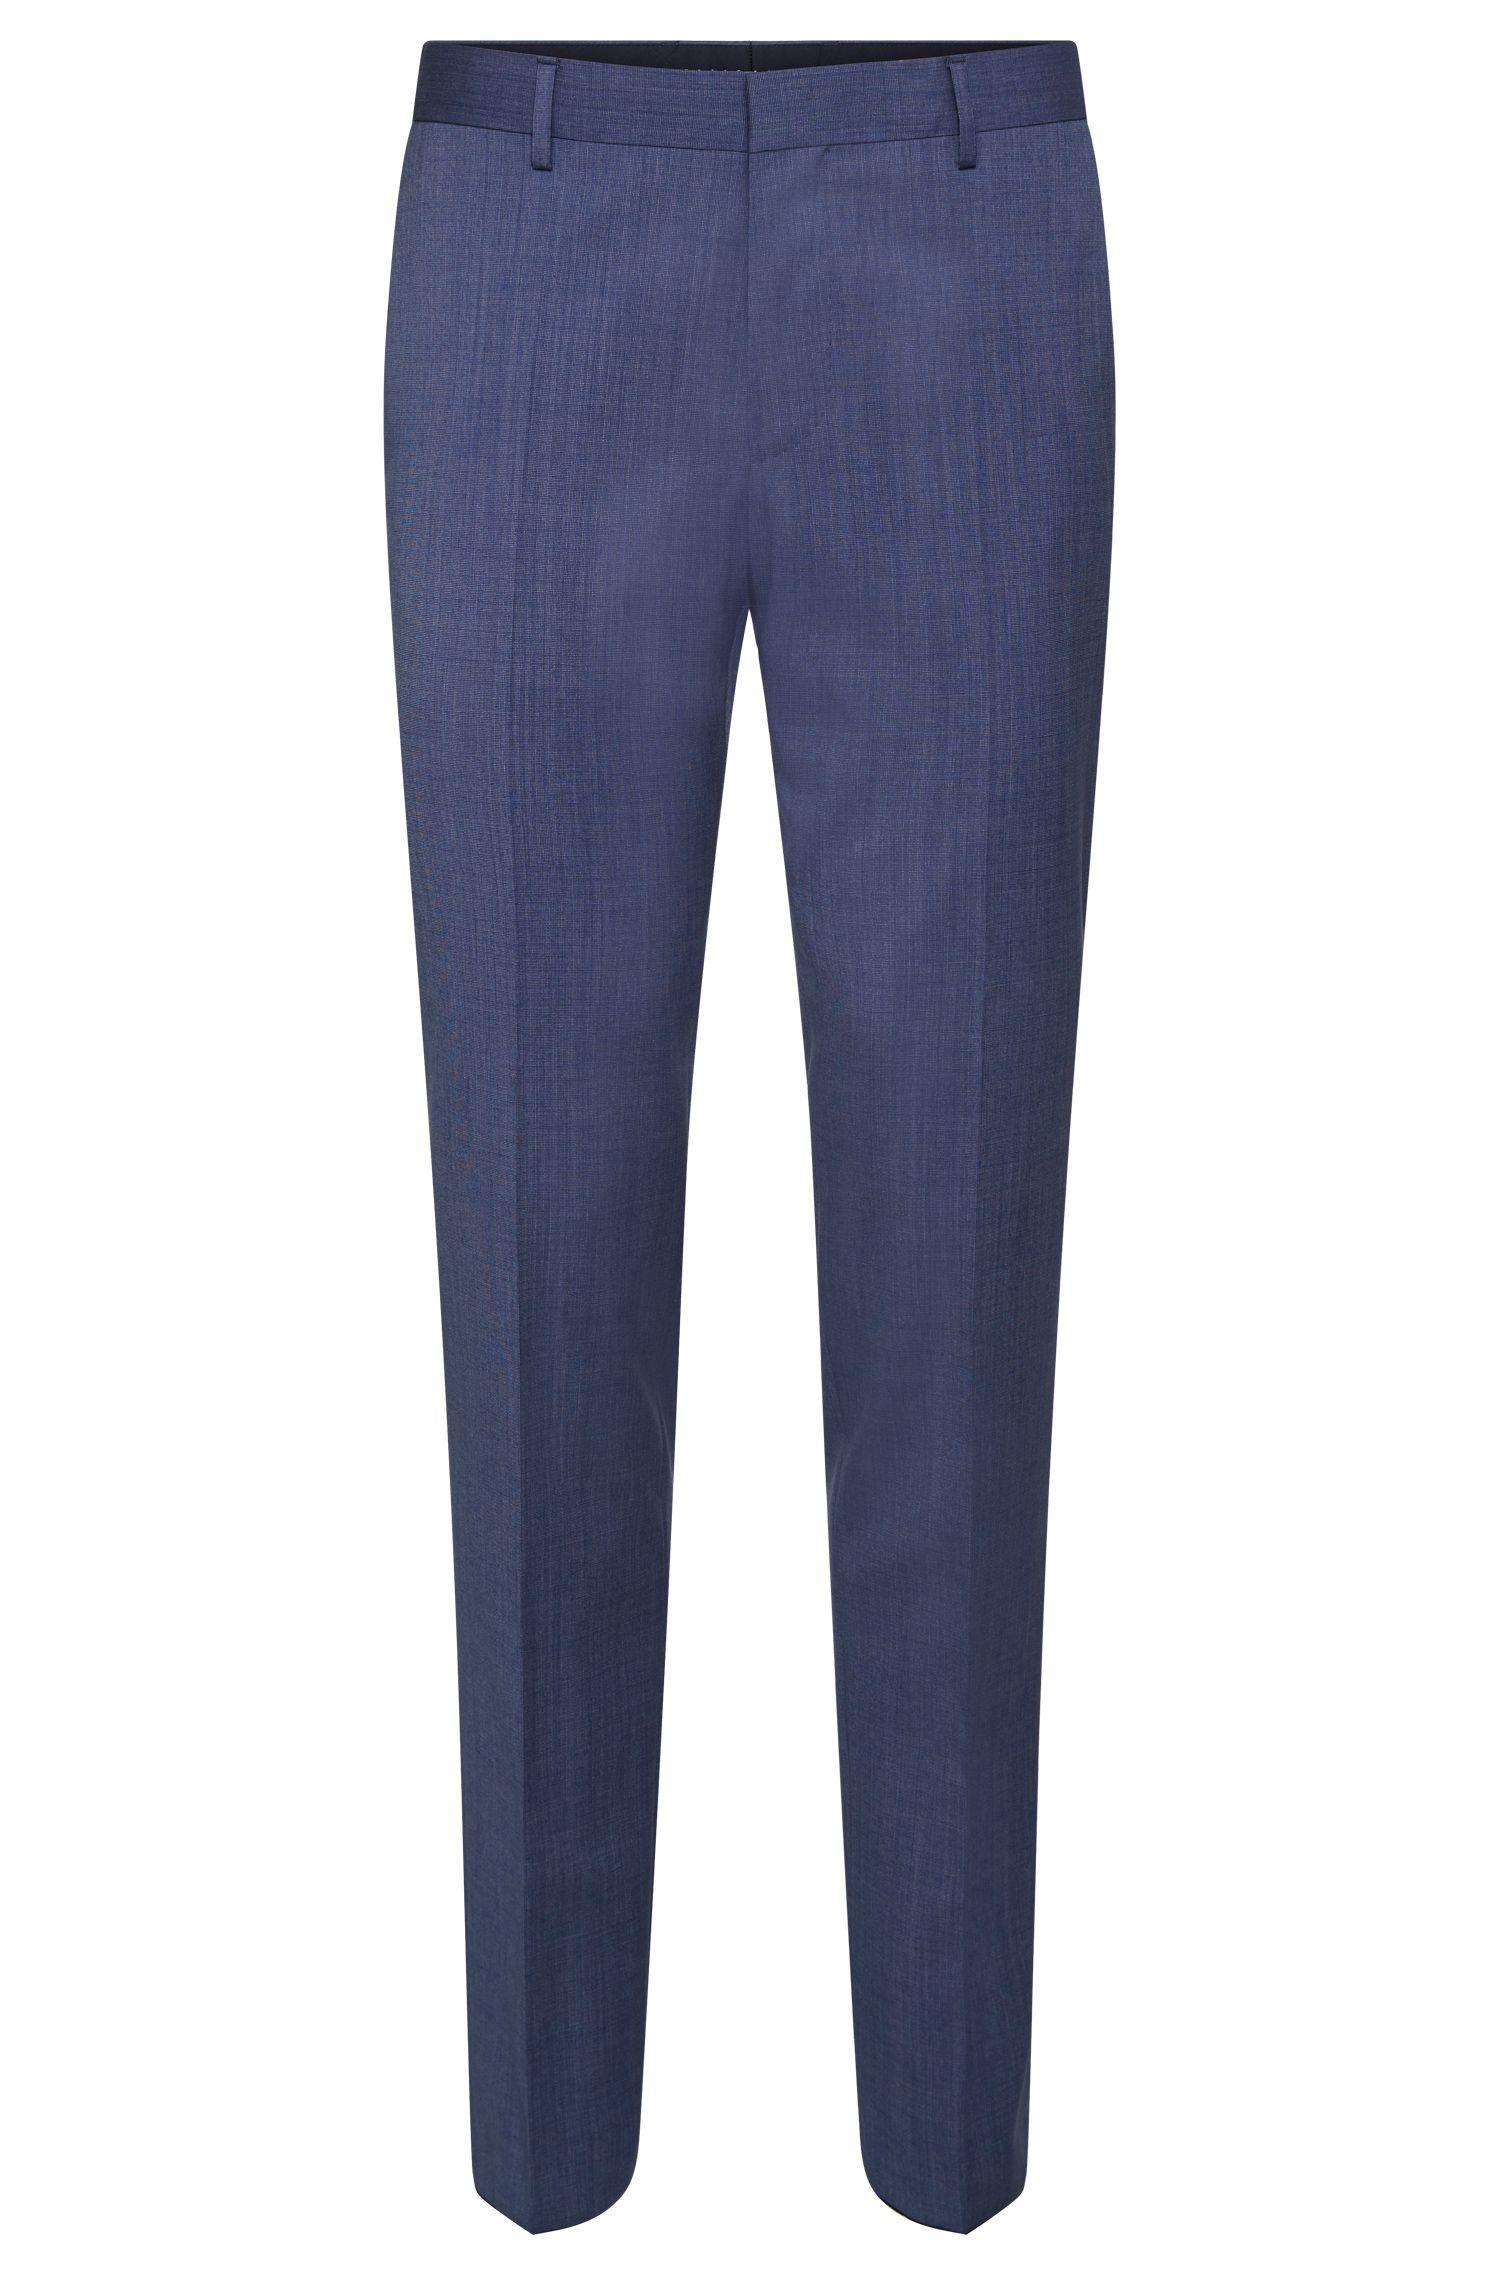 'Bevan' | Slim Fit, Italian Super 110 Virgin Wool Dress Pants